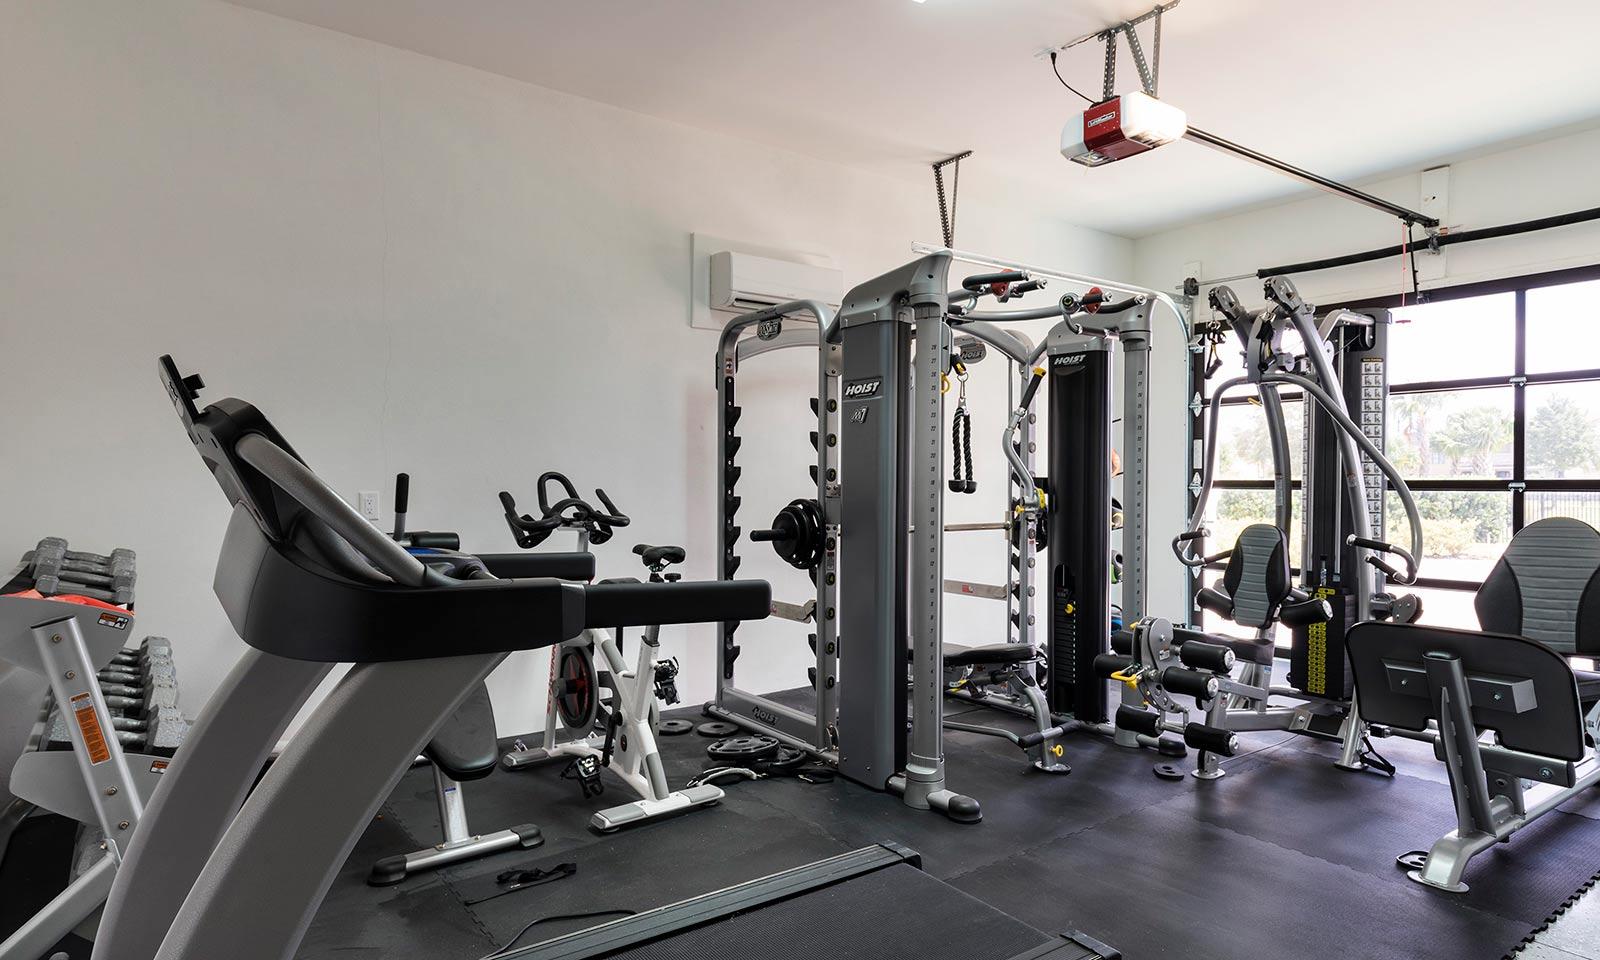 [amenities:gym:3] Gym